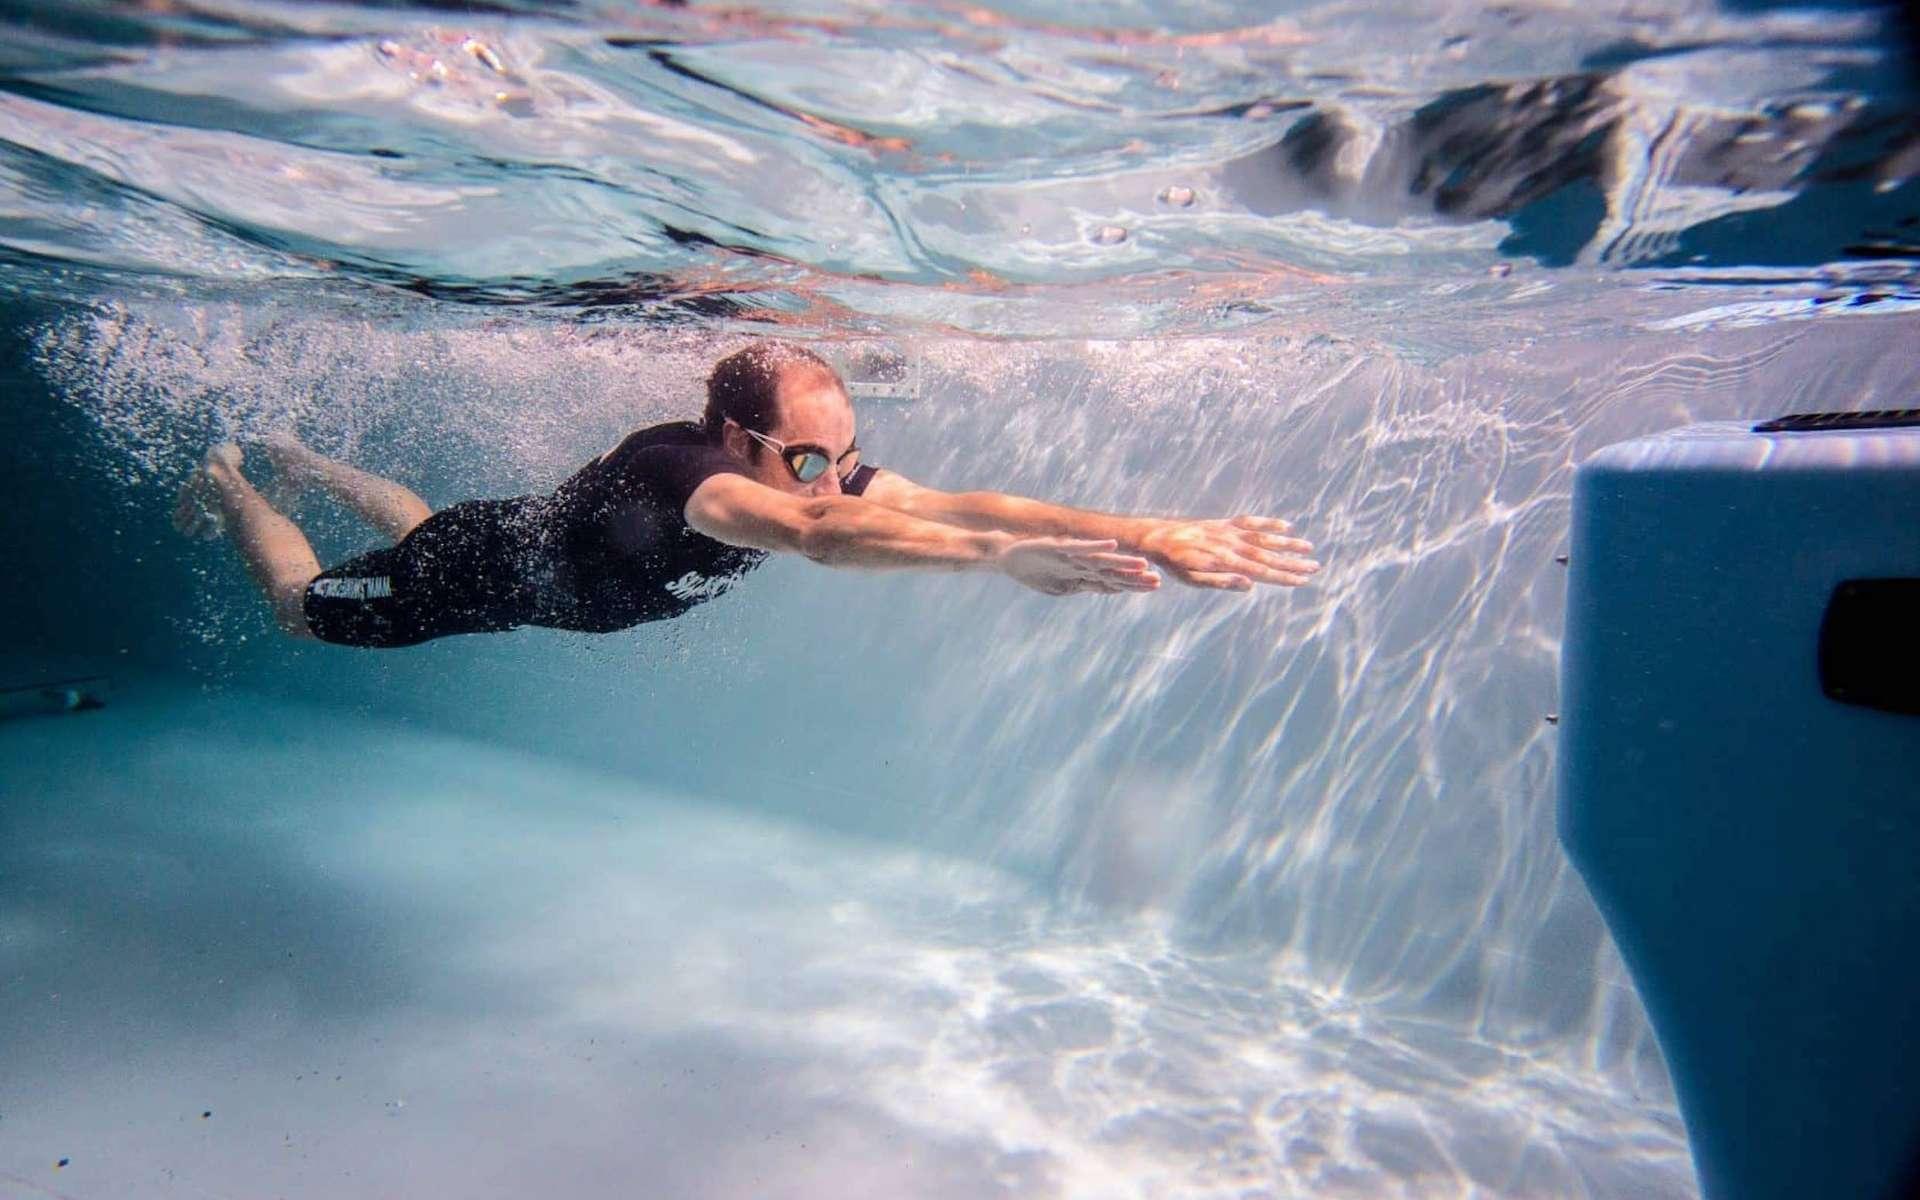 La nage à contre-courant est possible à partir de 3,50 mètre de longueur utile. © Swimform